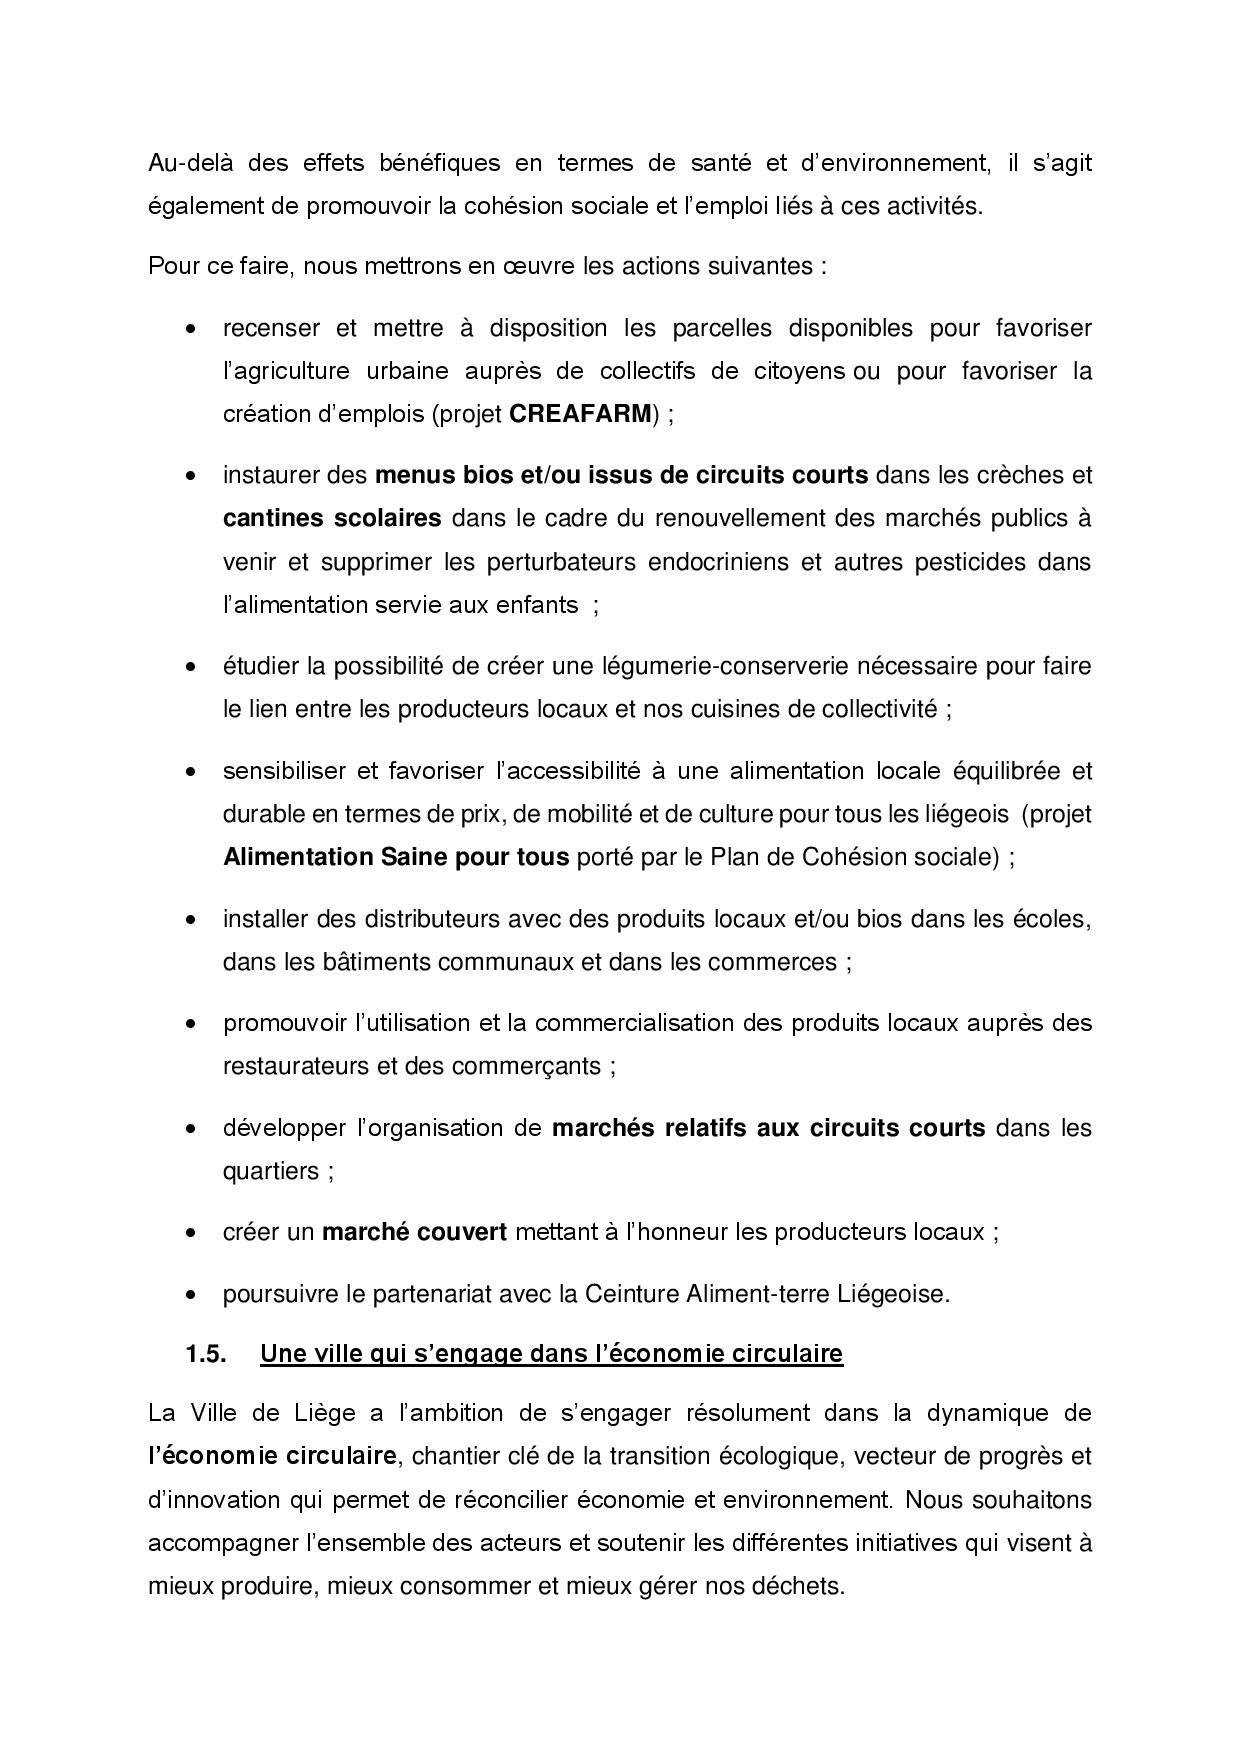 Transition écologique (page 03)